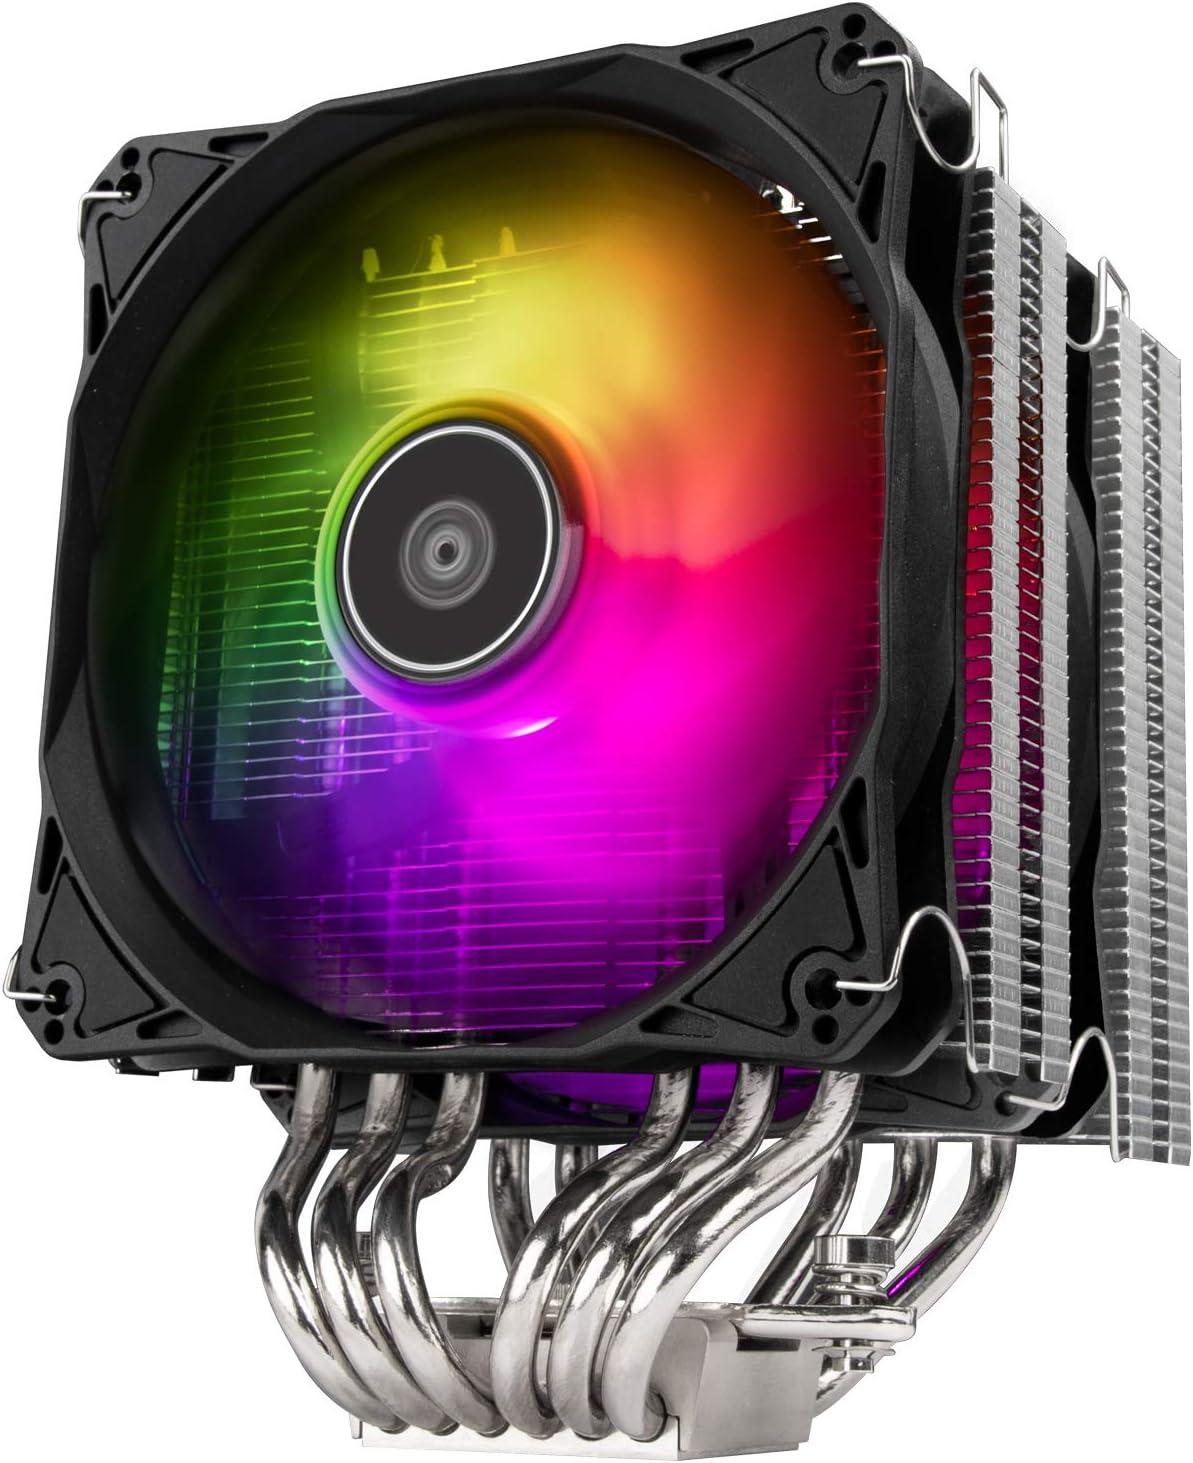 SilverStone Technology Hydrogon D120 ARGB, Disipador Dual para CPU Torre con 6 Tubos isotérmicos y Ventiladores ARGB duales de 120mm, SST-HYD120-ARGB